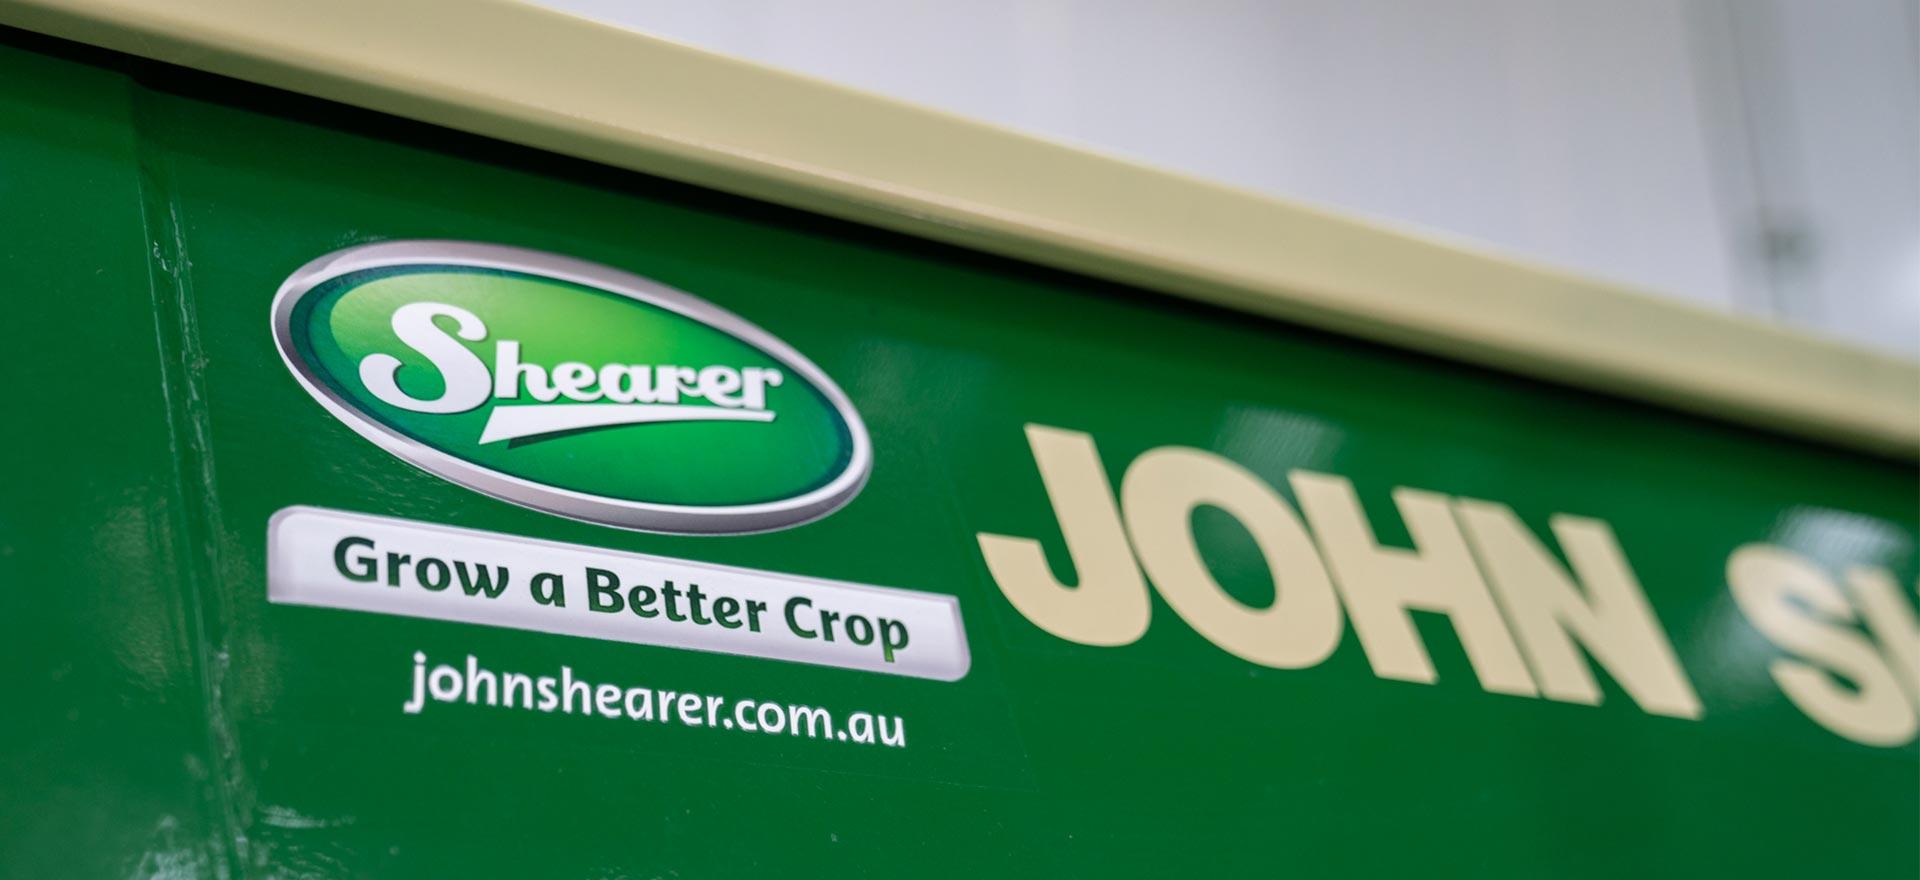 John Shearer branding on a hopper.